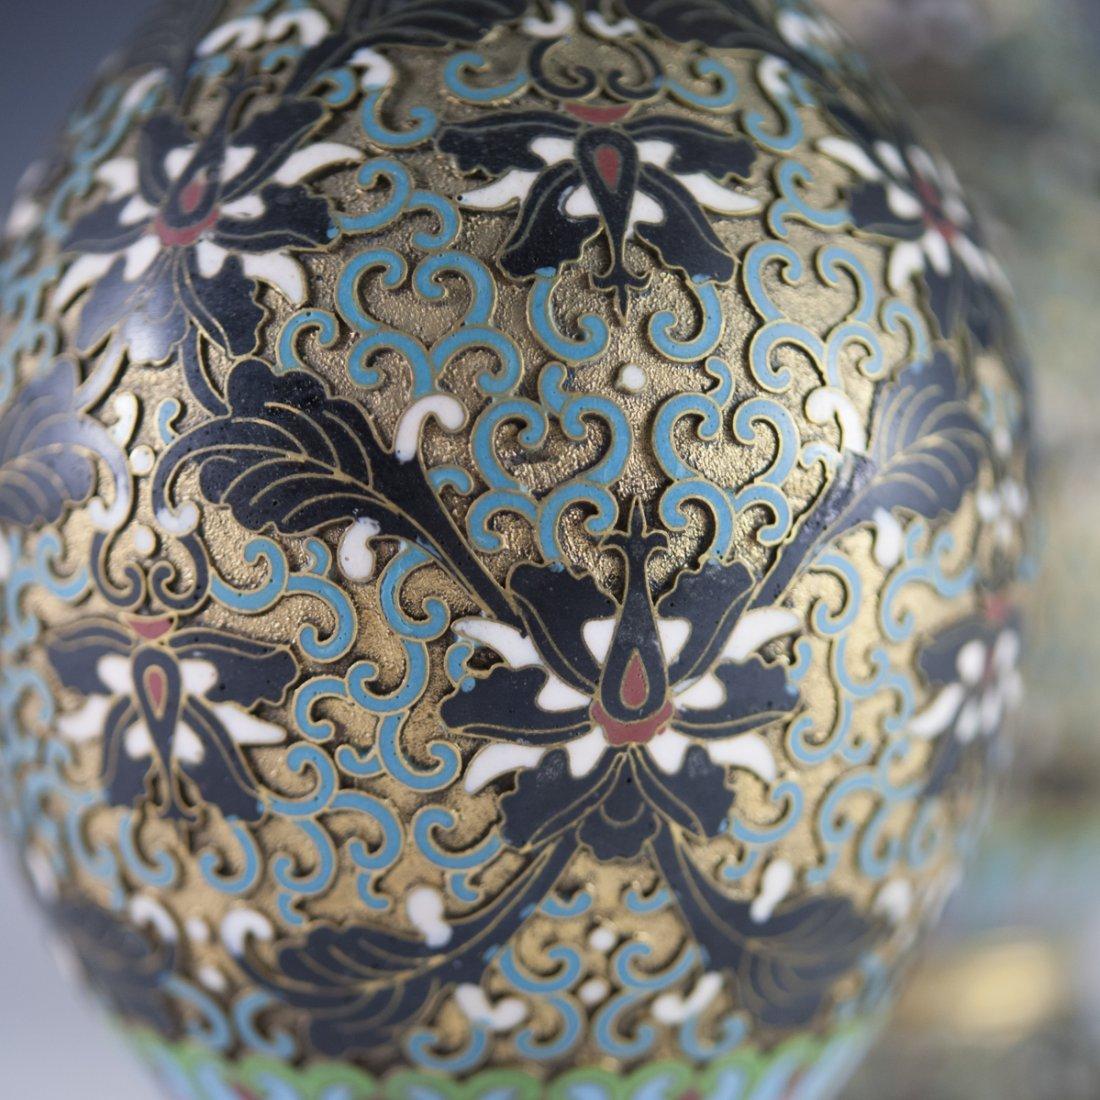 Vintage Cloisonne Enameled Vases - 5